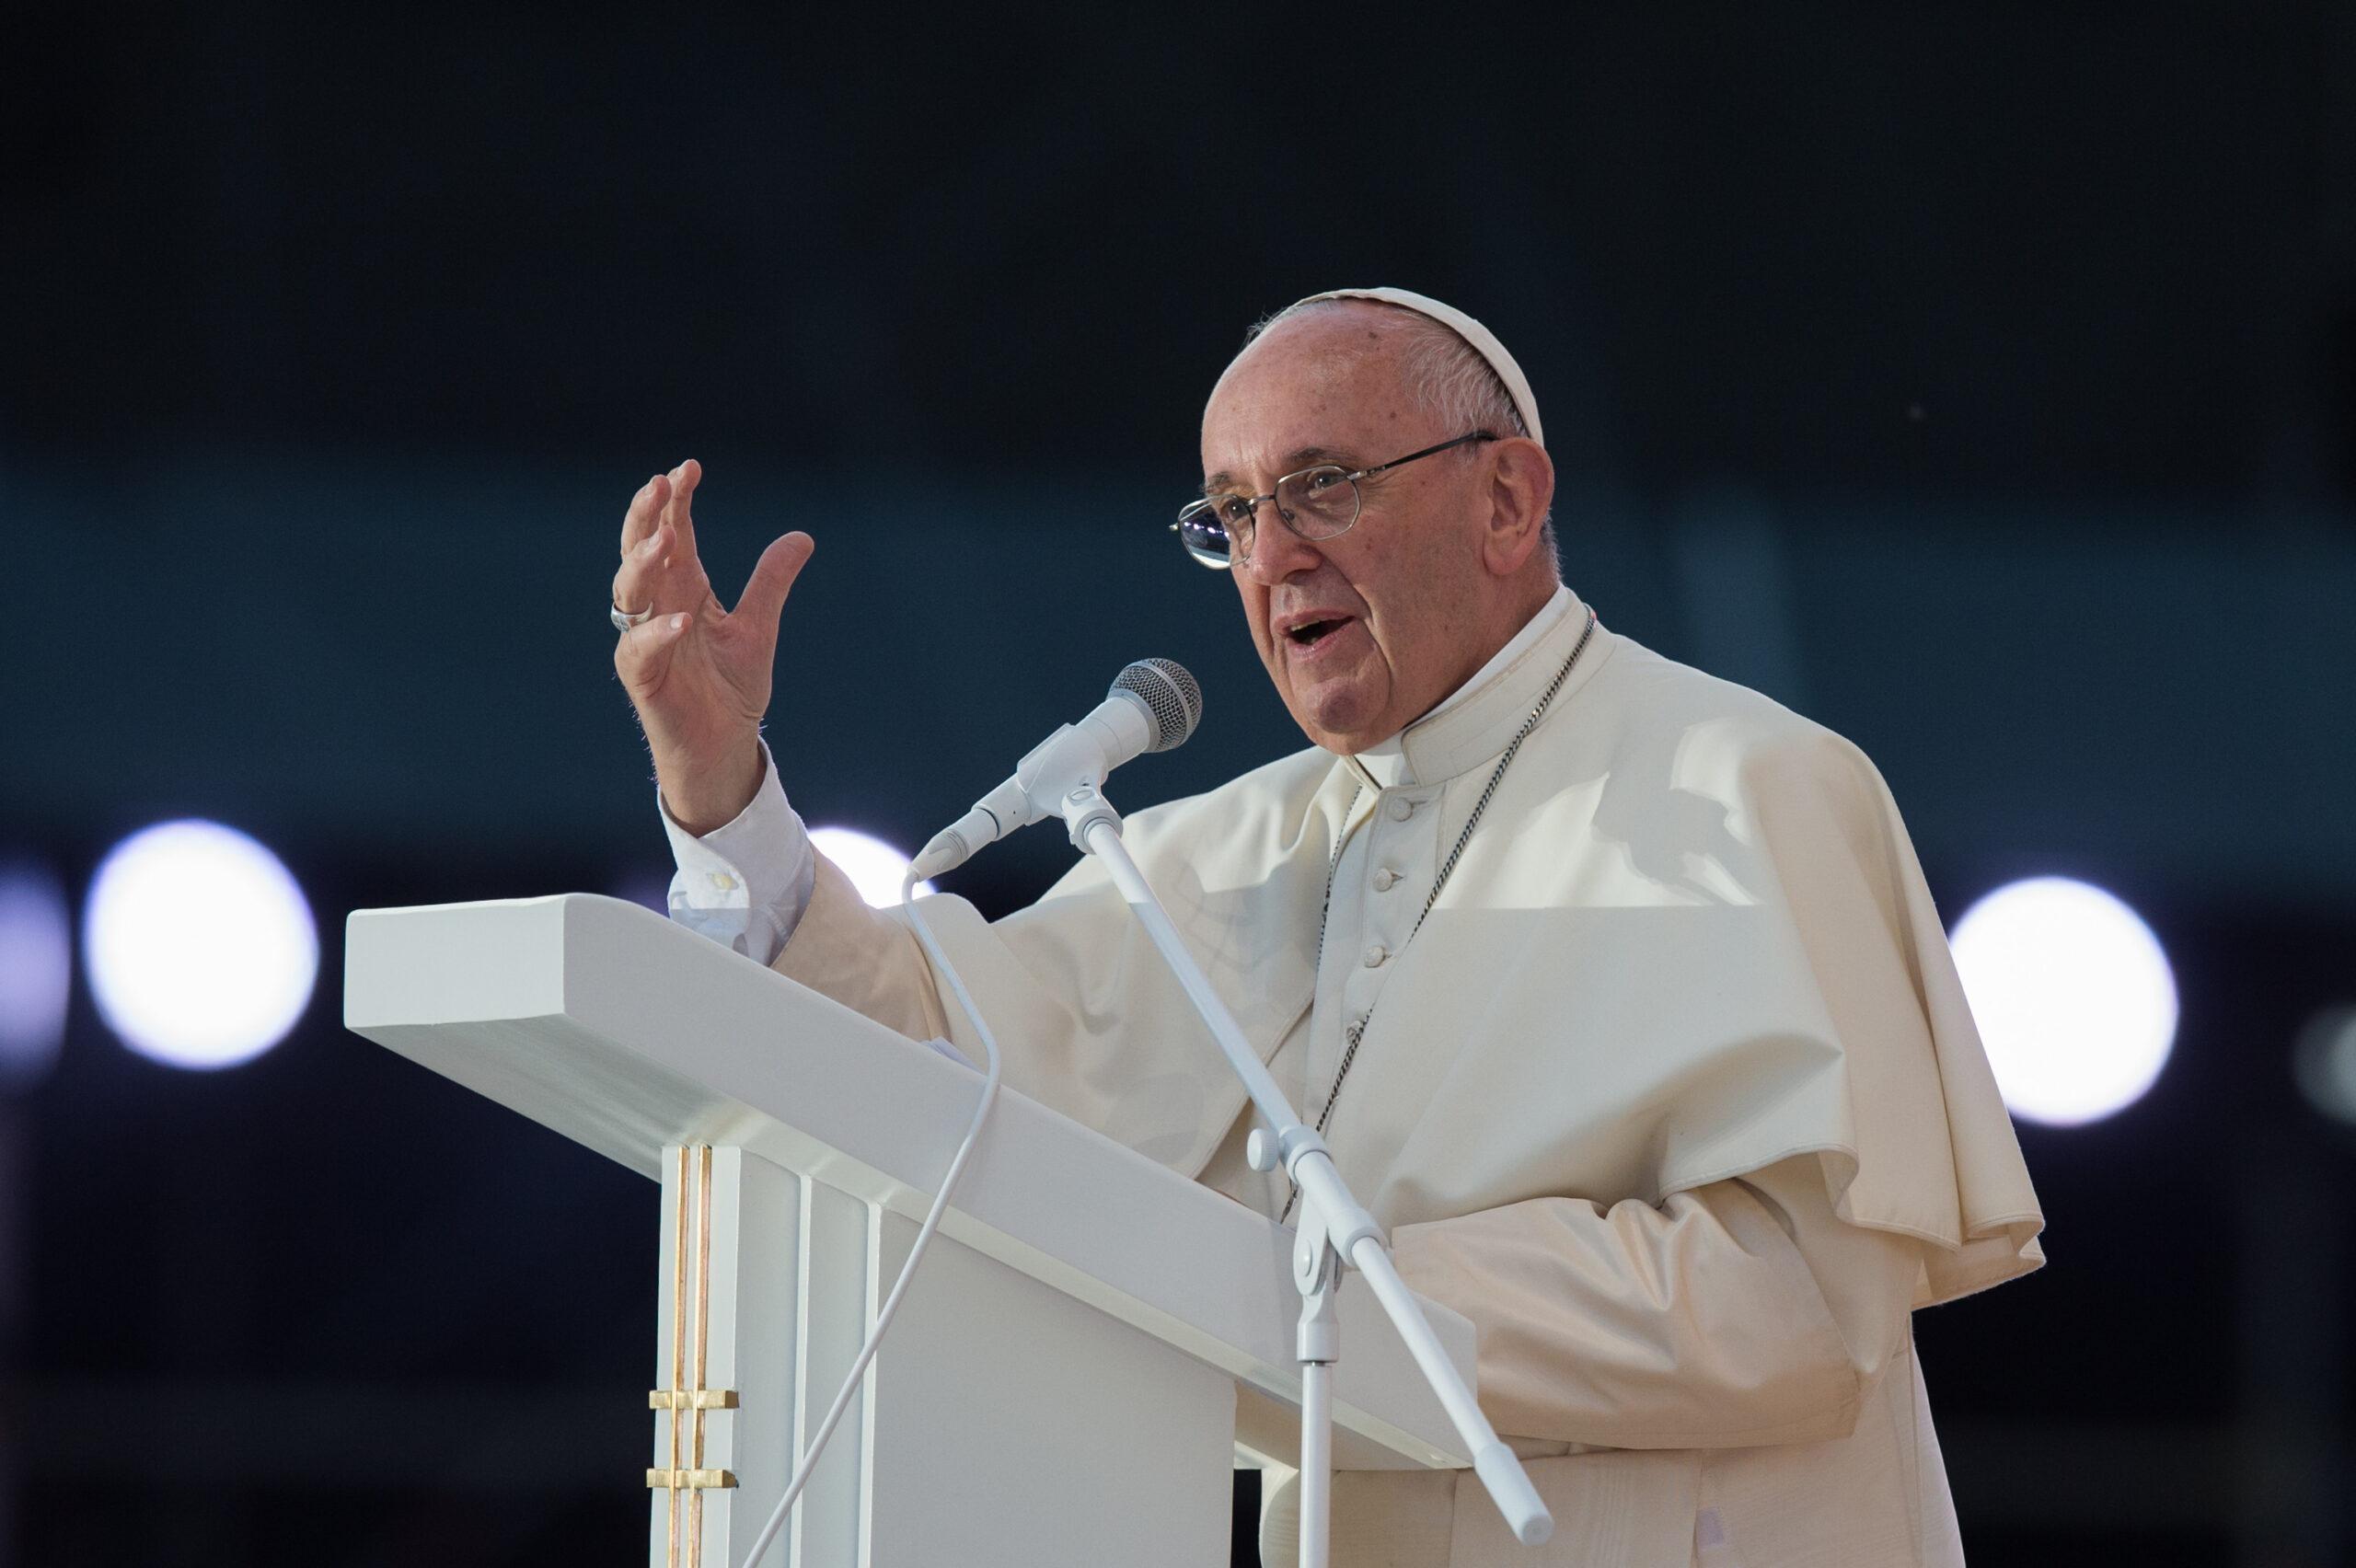 Papież na Węgrzech: Należy przeciąć lont antysemityzmu